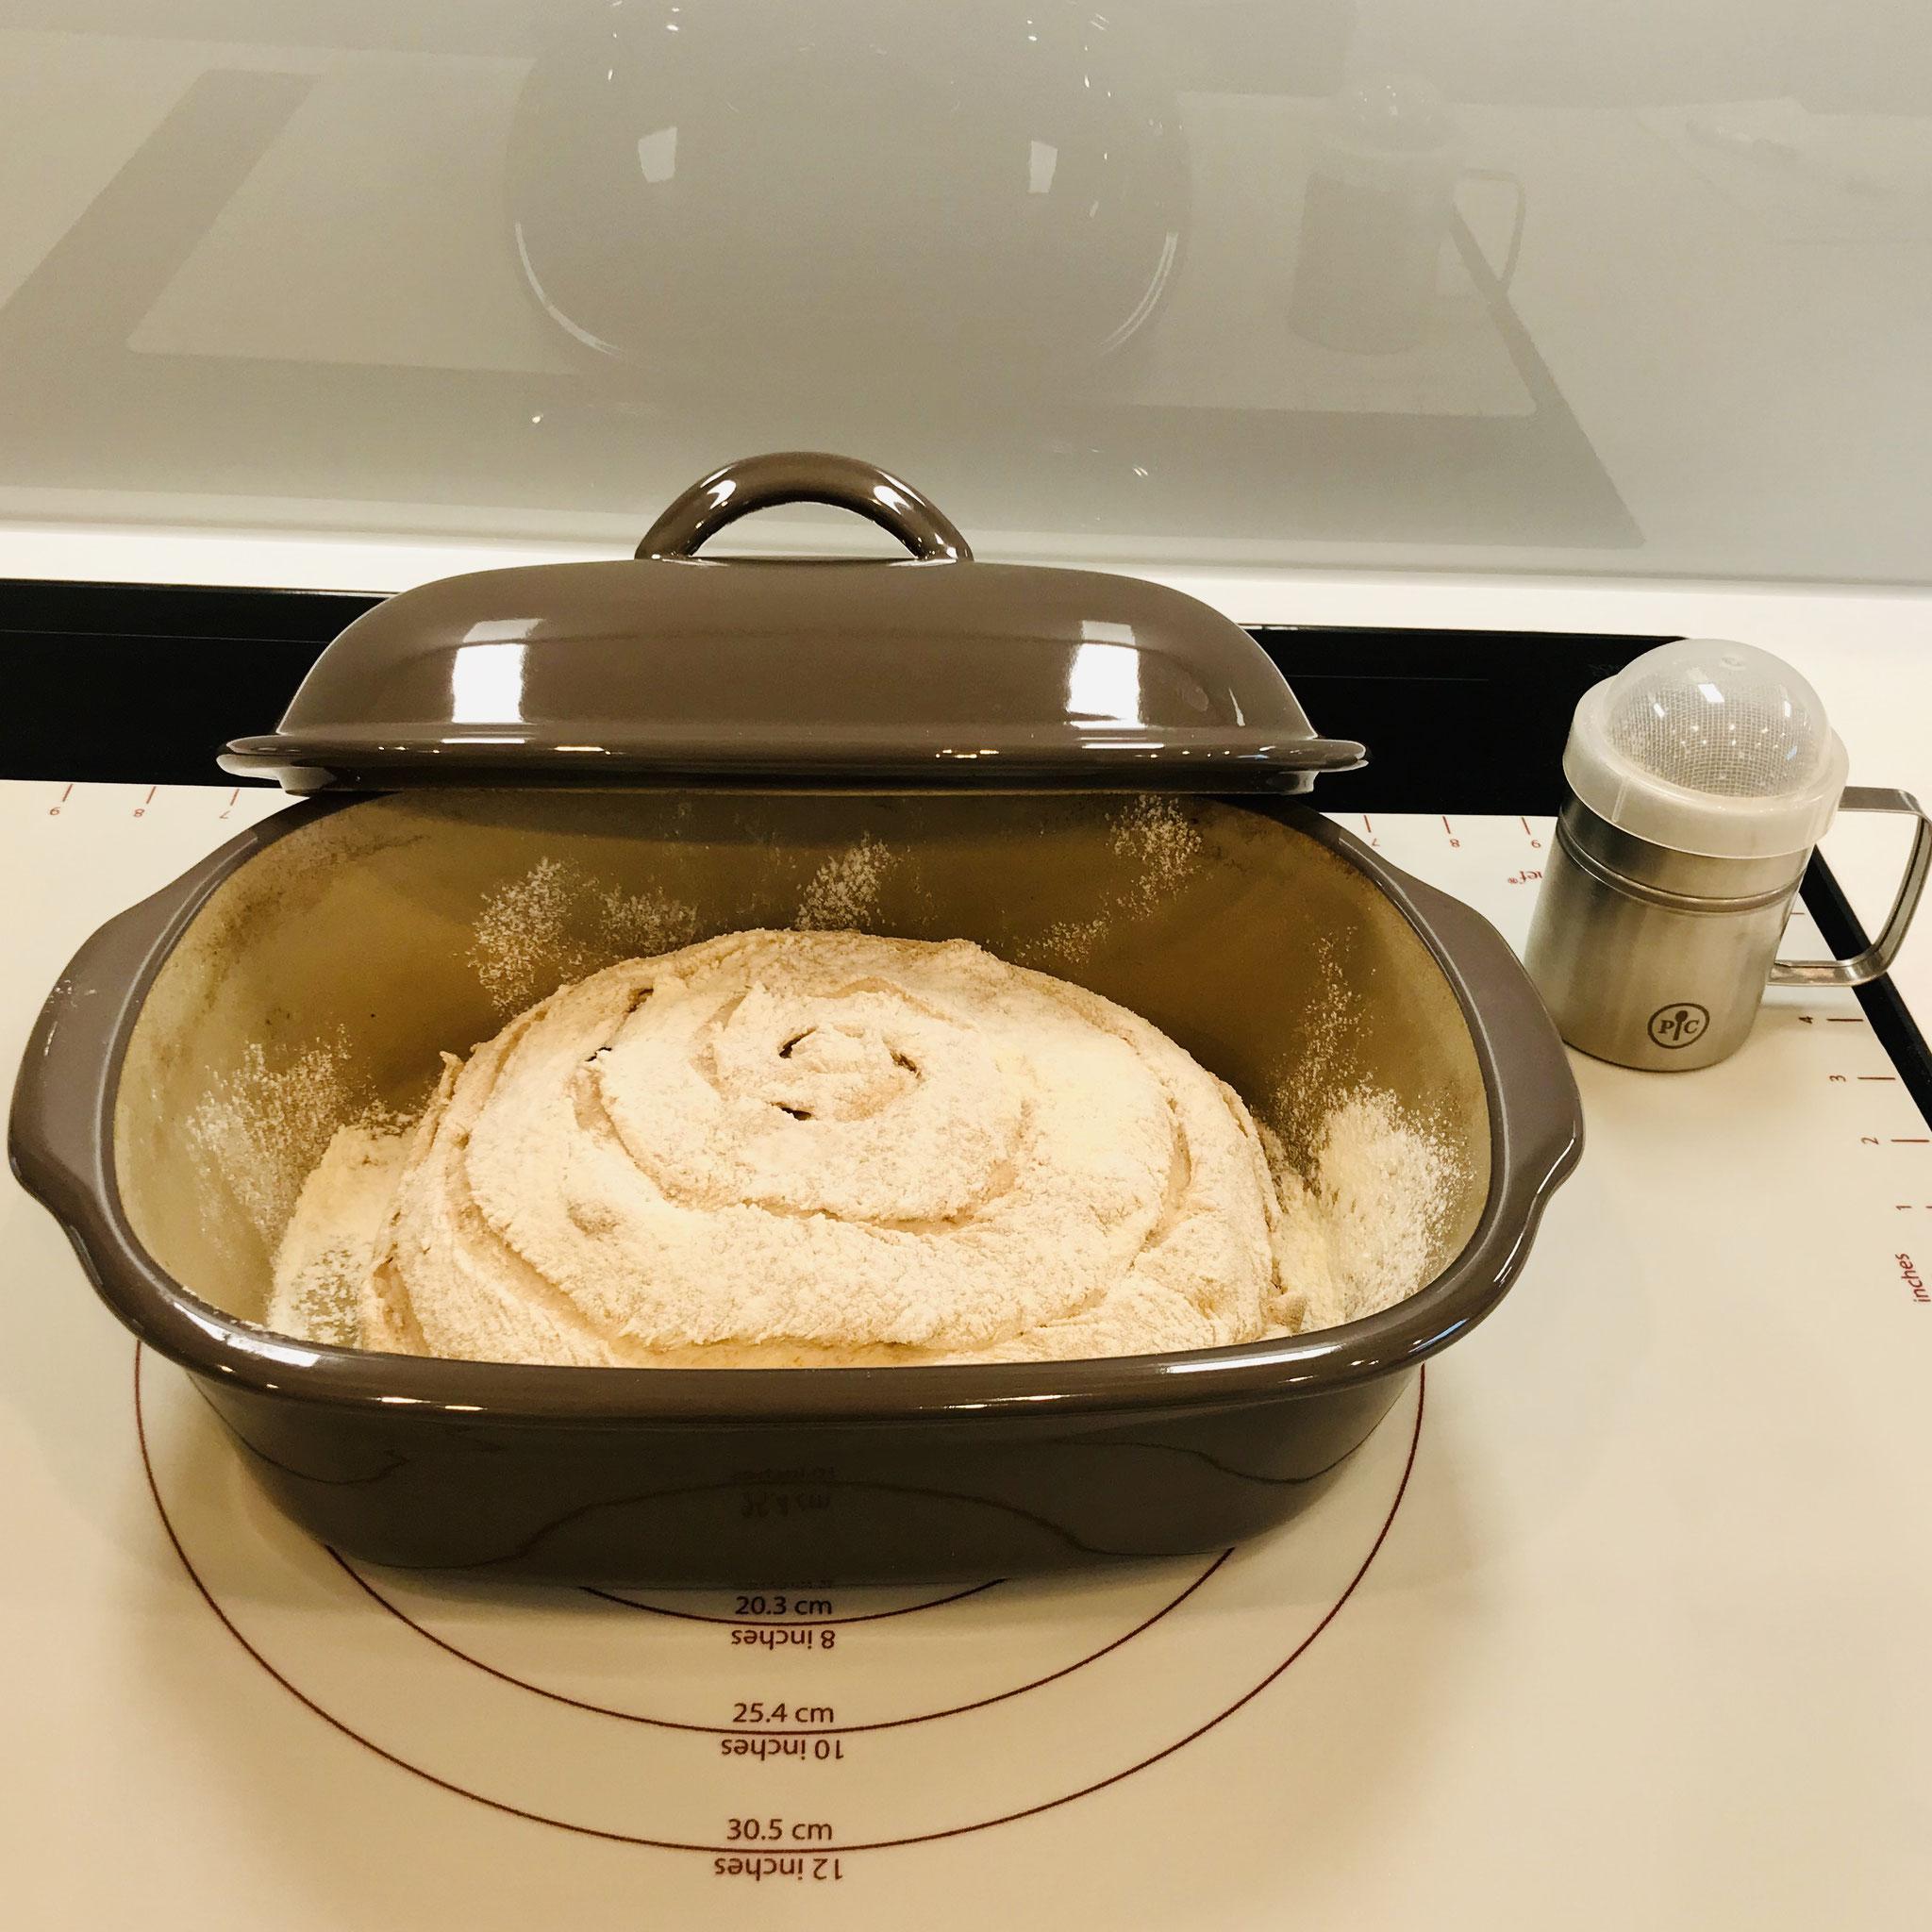 Den Ofenmeister leicht fetten und mit Mehl aus dem Streufix bestäuben und den Teigling hineinlegen - Deckel auflegen und den Teigling 60 Minuten ruhen lassen...